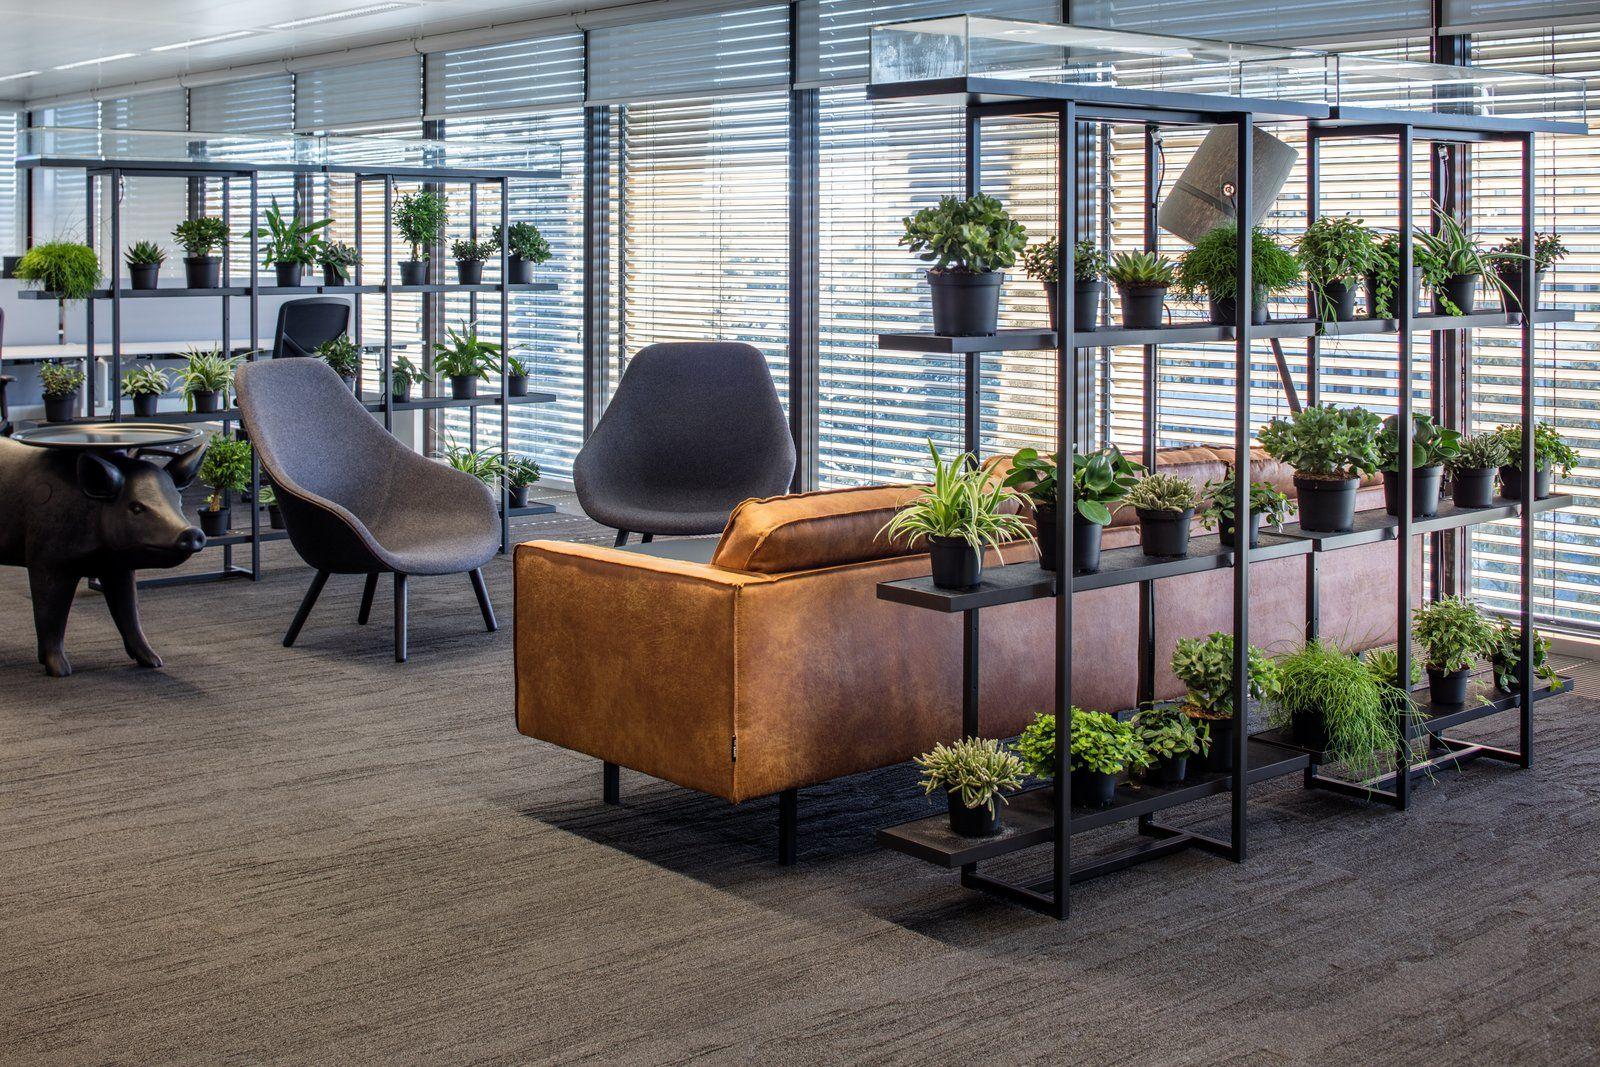 Design house heerlen - Office Tour Conclusion Offices Heerlen